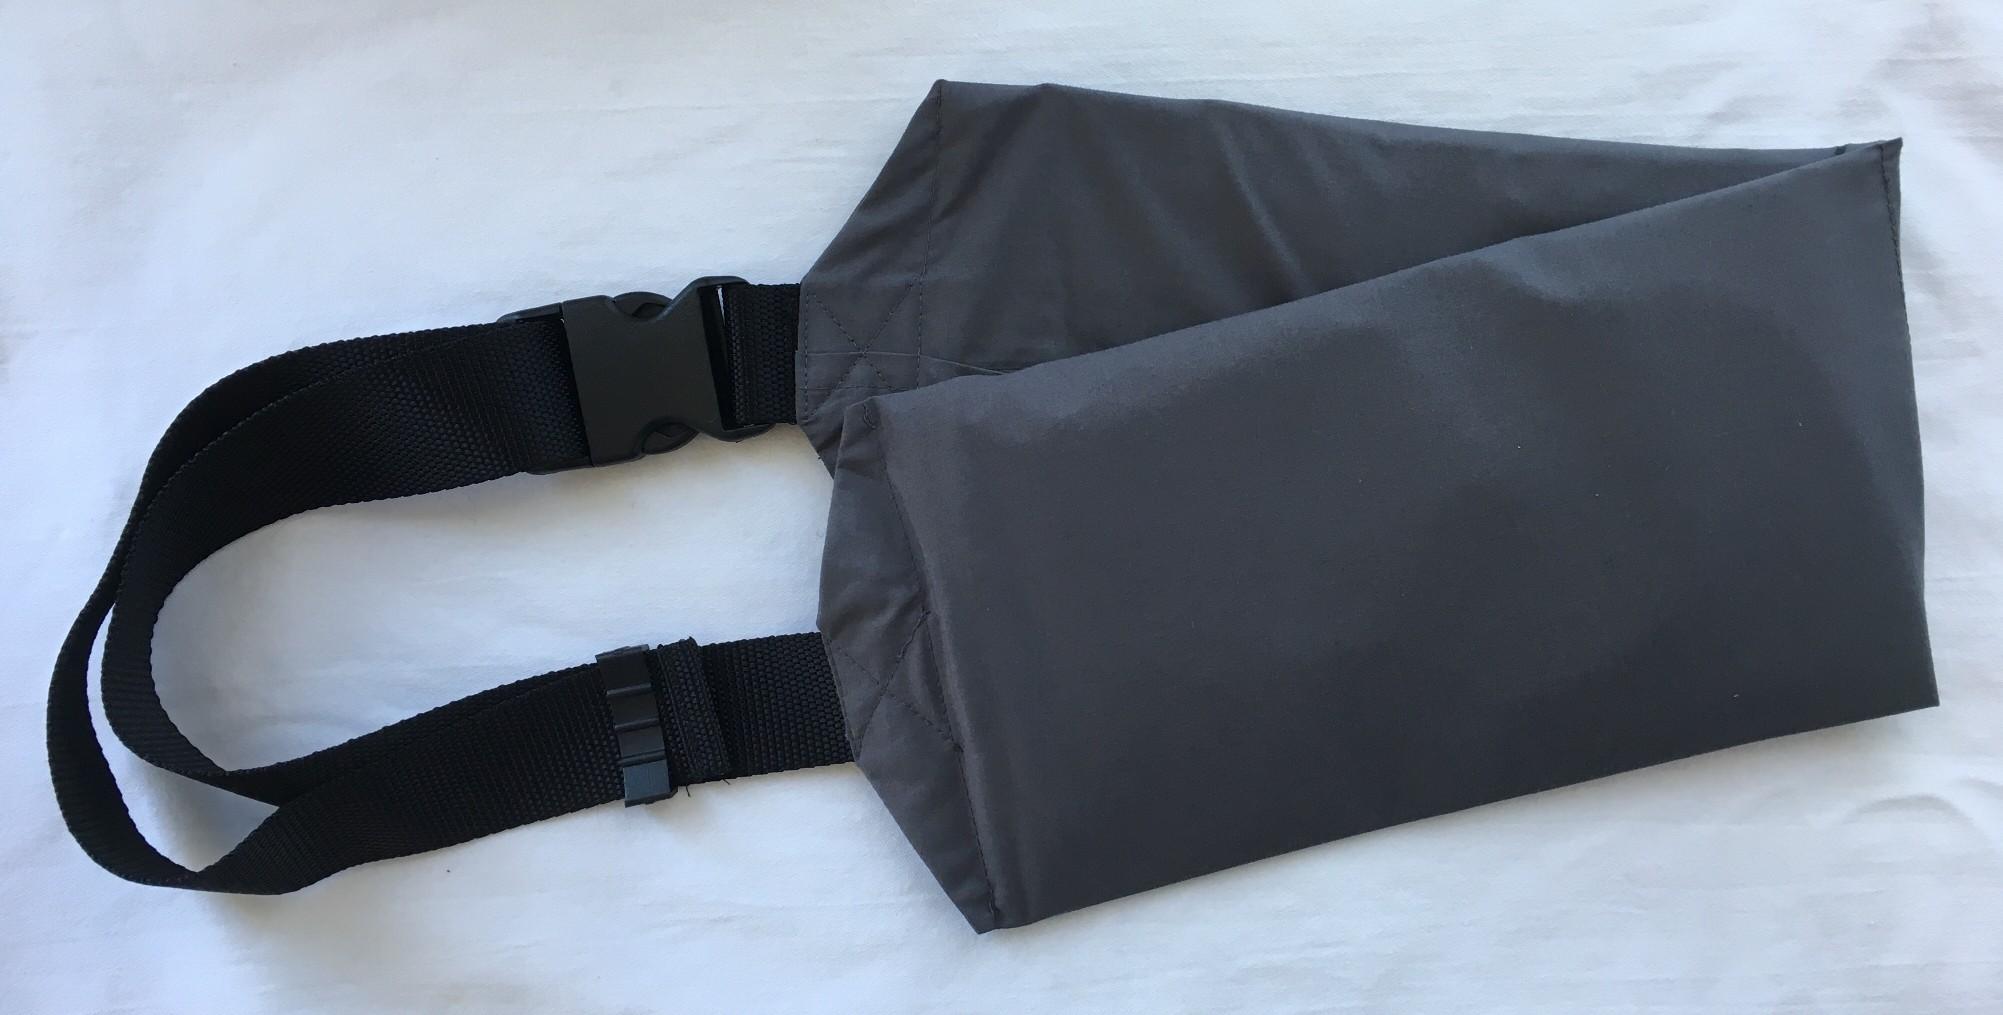 Ceinture de 2 poches de 200gr de poudre de Shungite